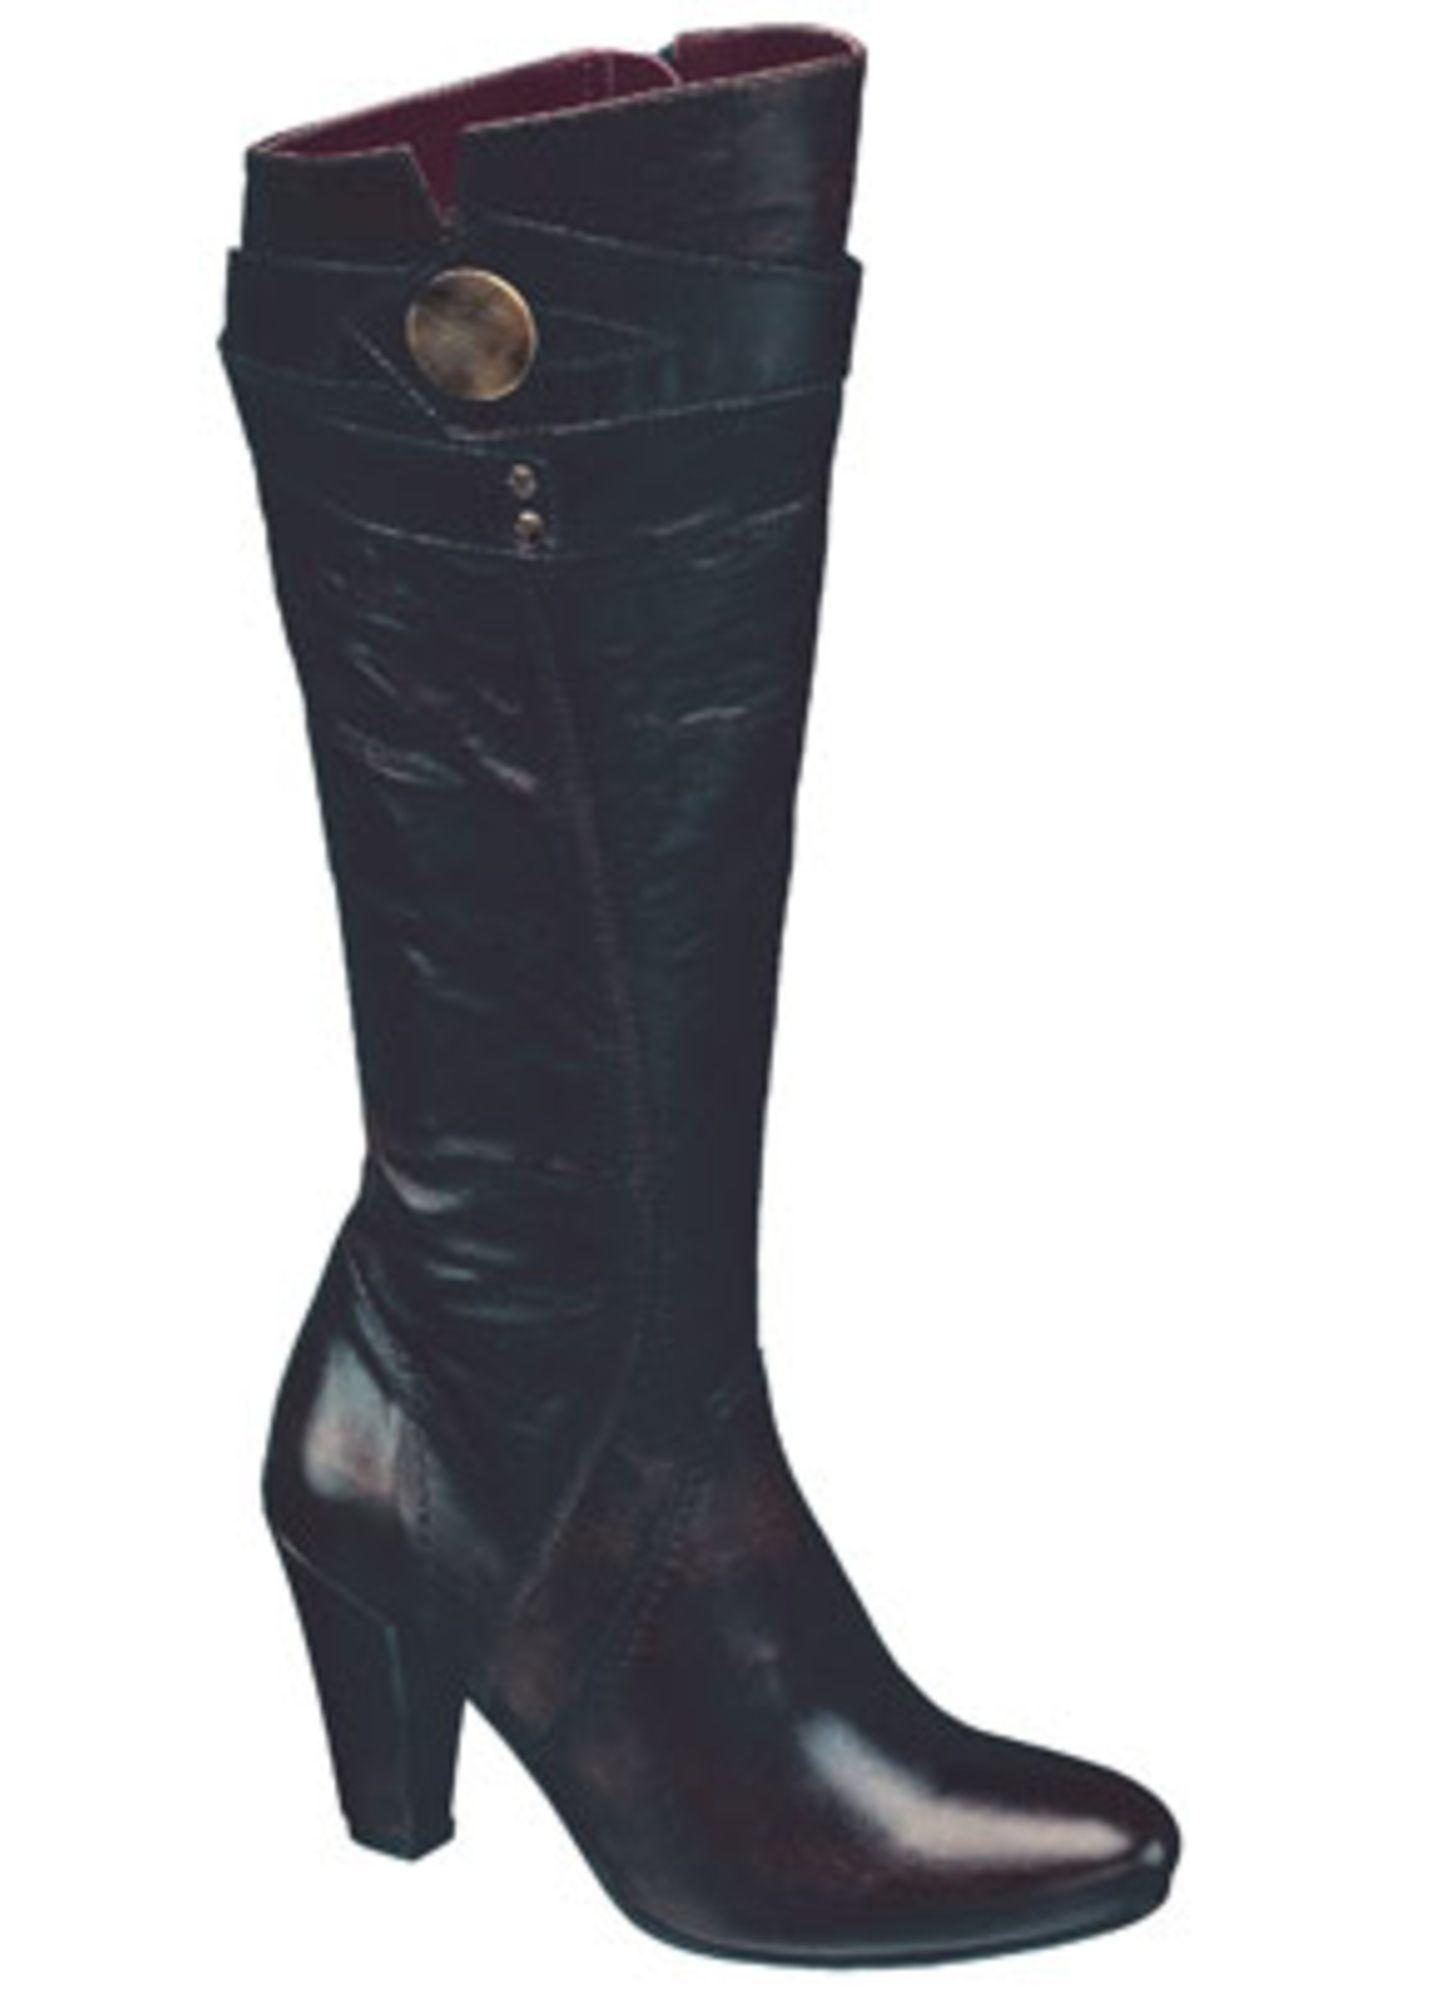 Schwarzer Stiefel mit Raffung und Schnallenverzierung; 89,90 Euro; von 5th Avenue / Deichmann